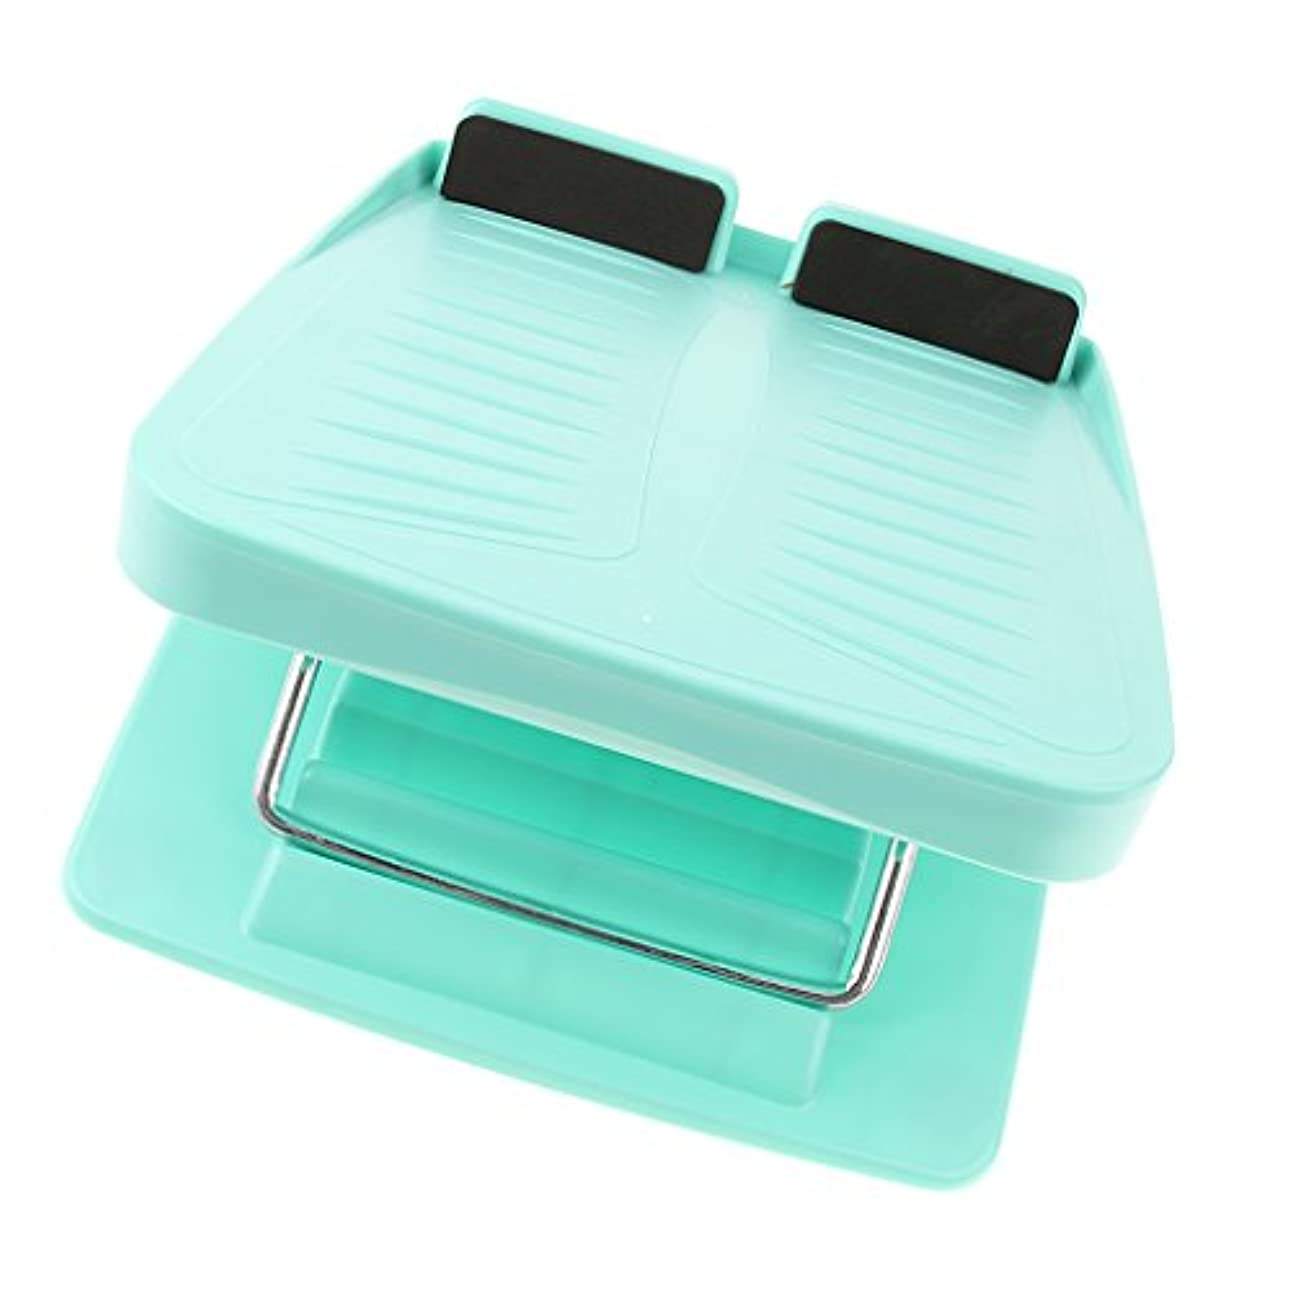 ペンダント変装シーケンスsharprepublic 調整可能 スラントボード アンチスリップ カーフストレッチ 斜面ボード ウェッジストレッチャー 3色 - 青